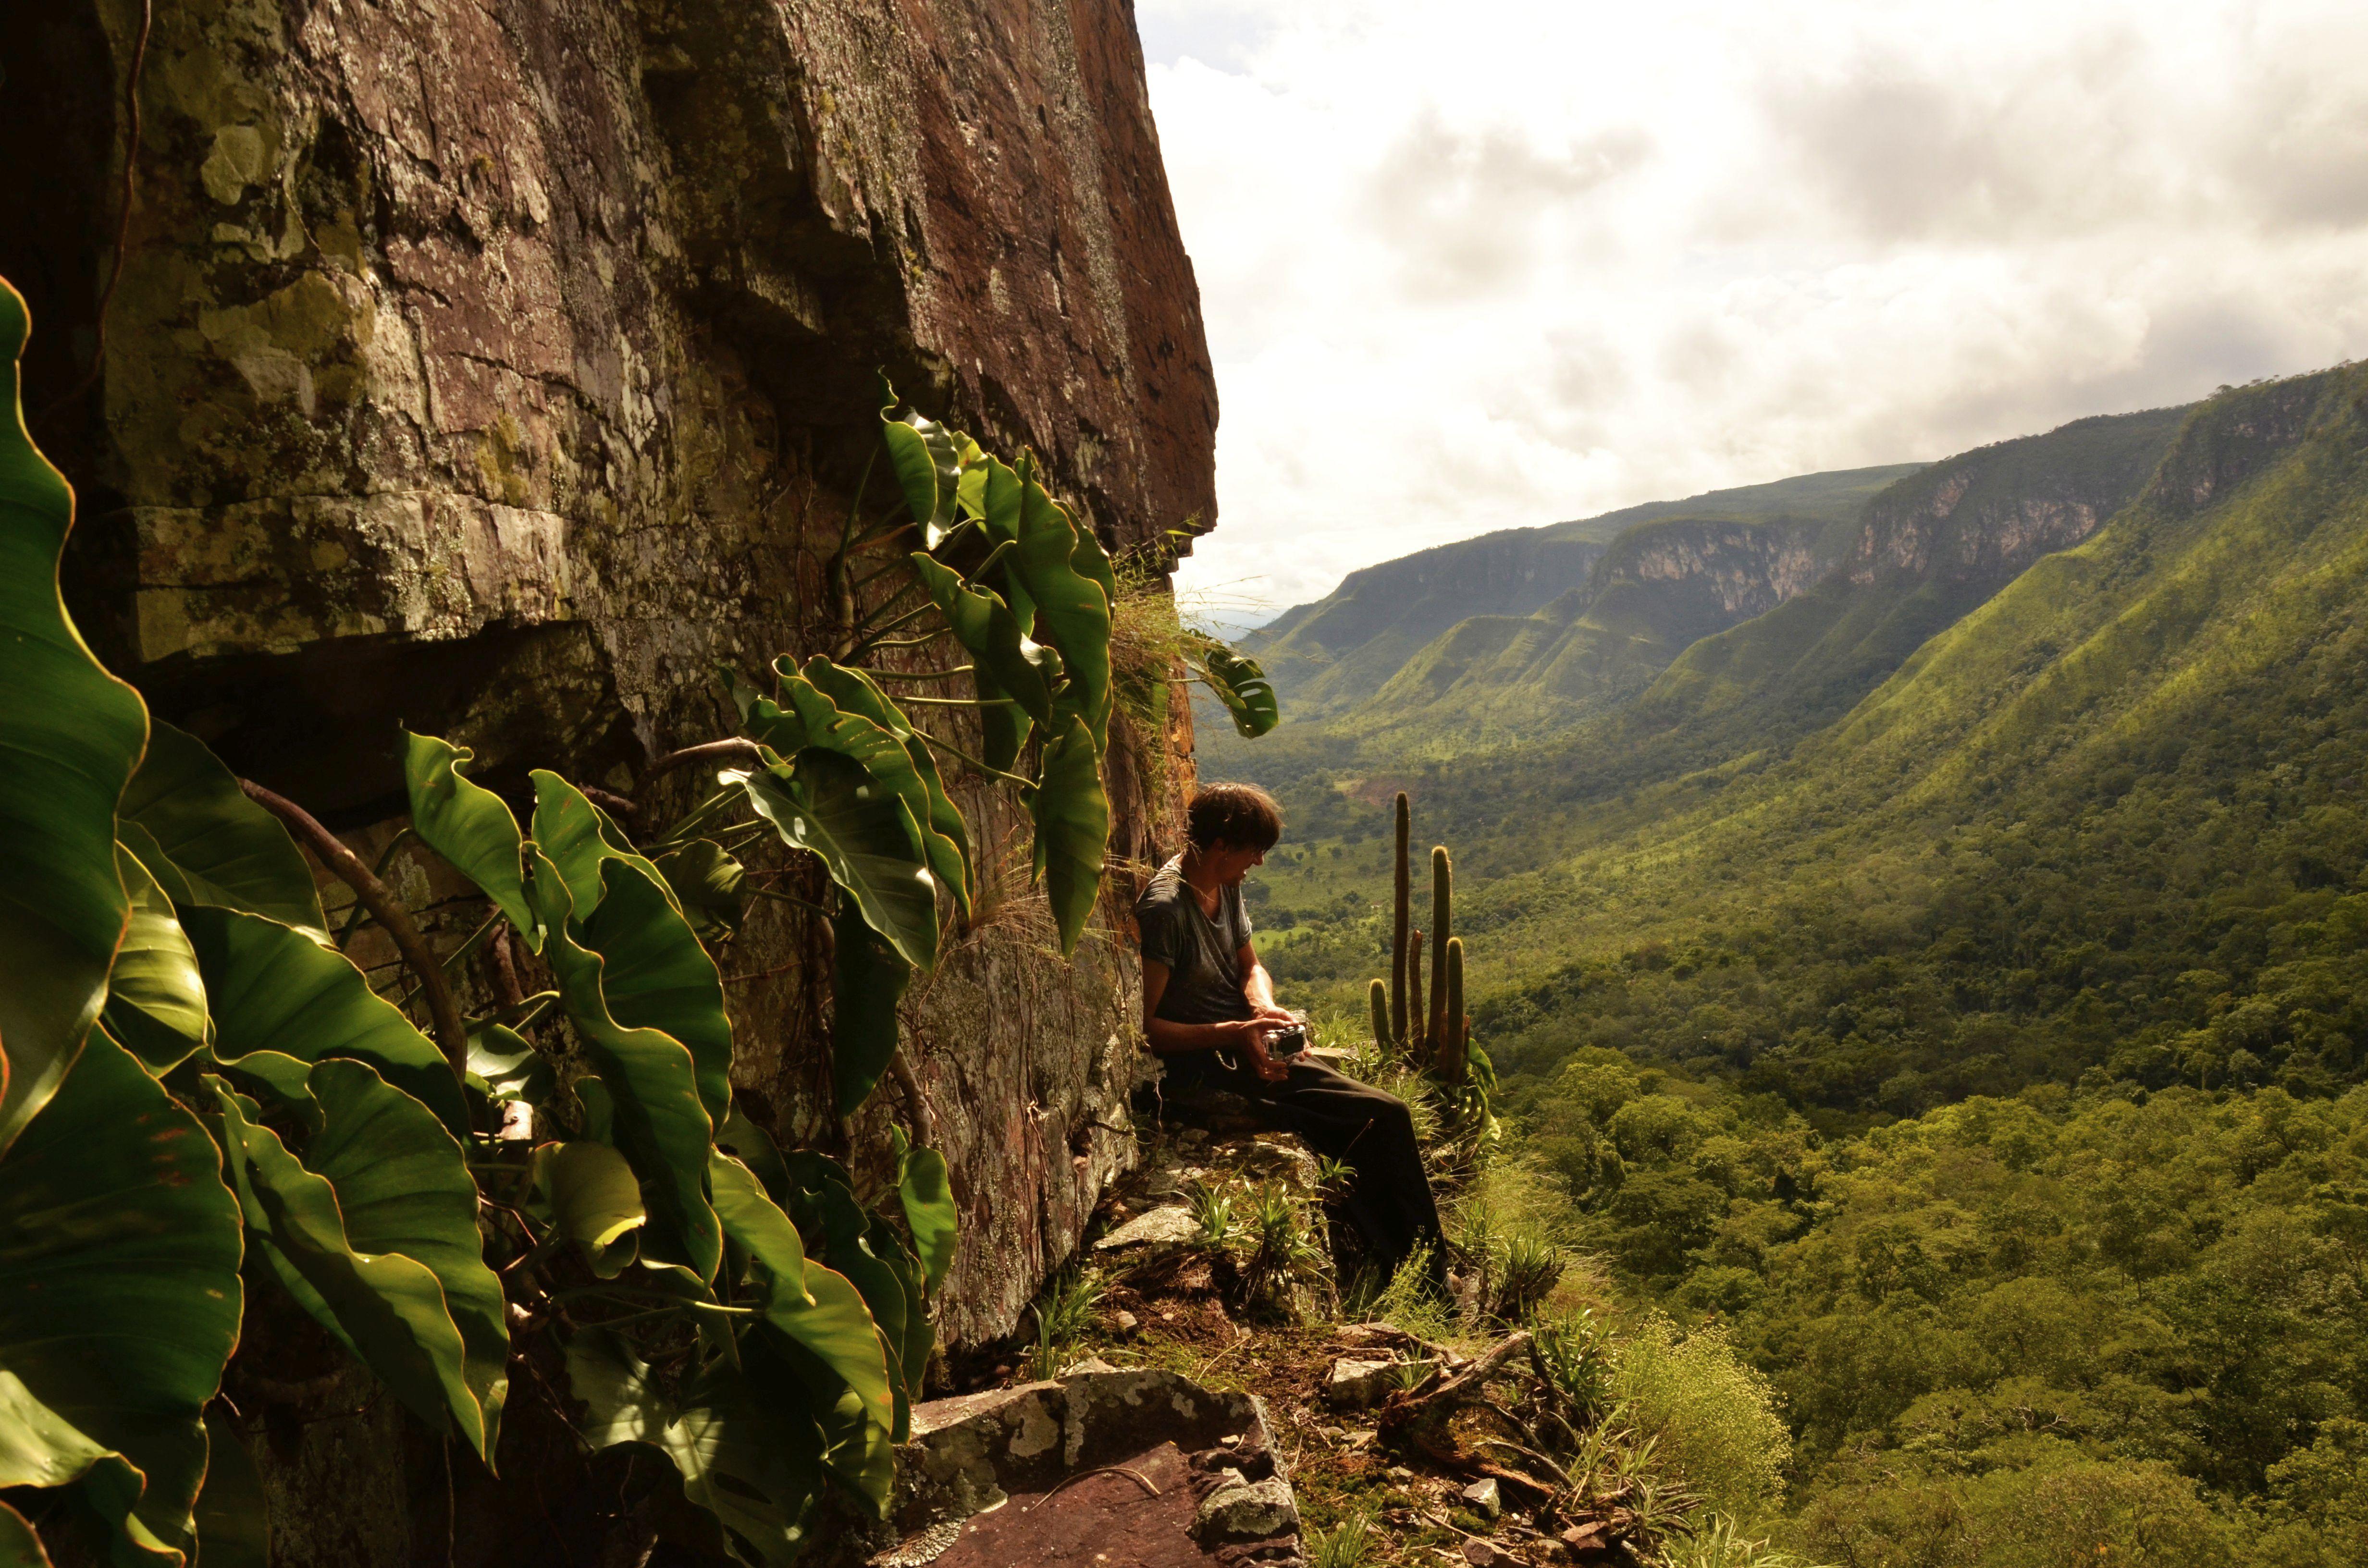 Pihenés a sziklaszirten (Sebastian)